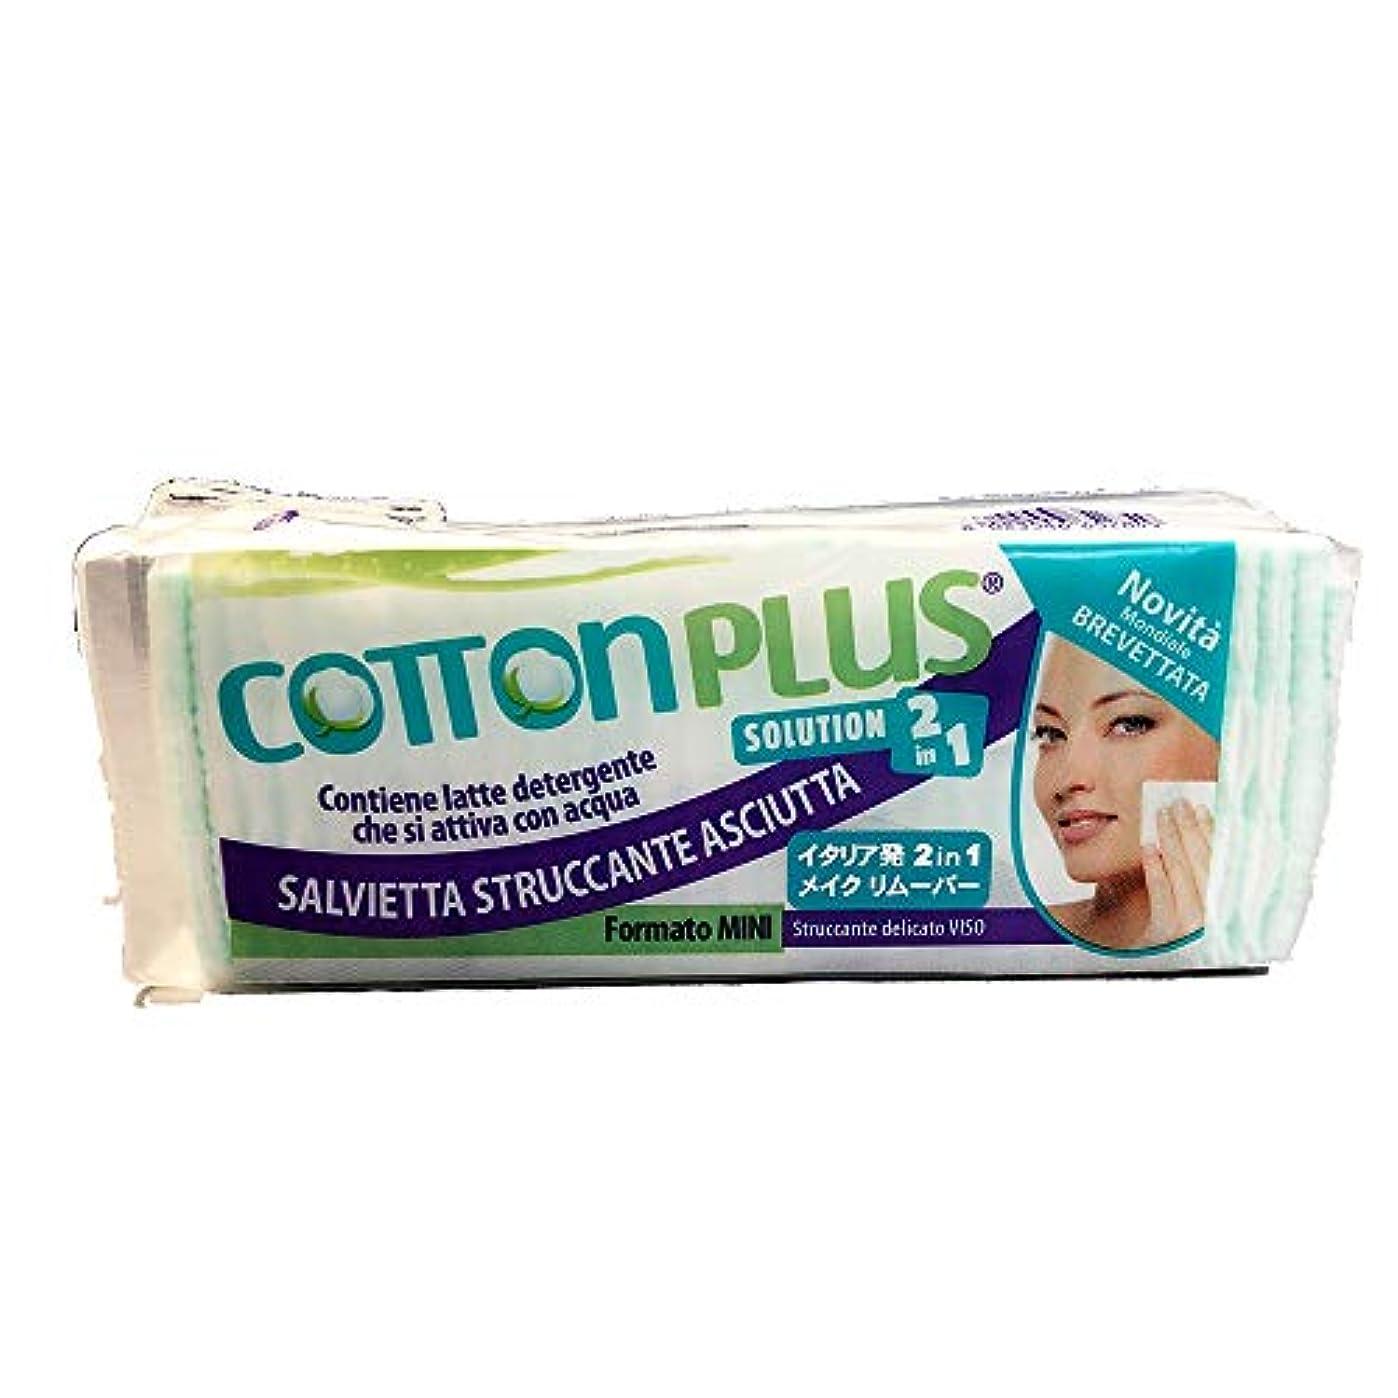 受け取る悪行広大なクレンジングコットン メイク落とし コットンプラス COTTON PLUS SOLUTION 2 IN 1 ミニサイズ(60枚入り) 保湿 化粧水